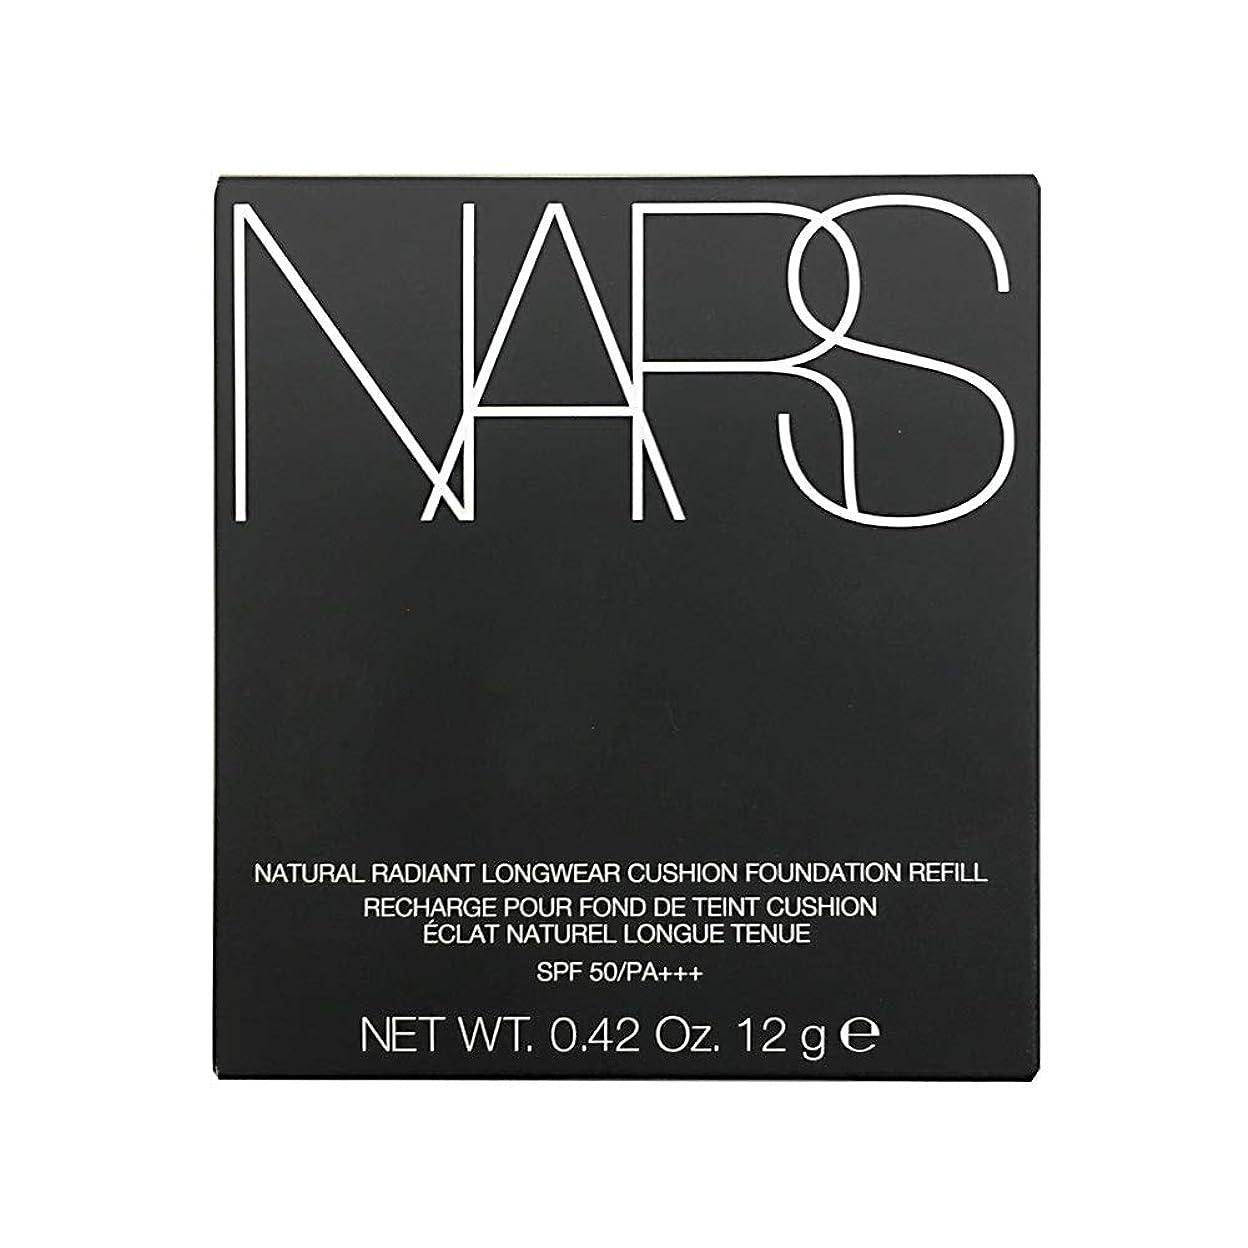 ドロップ格差推進ナーズ/NARS ナチュラルラディアント ロングウェア クッションファンデーション(レフィル)#5880[ クッションファンデ ] [並行輸入品]